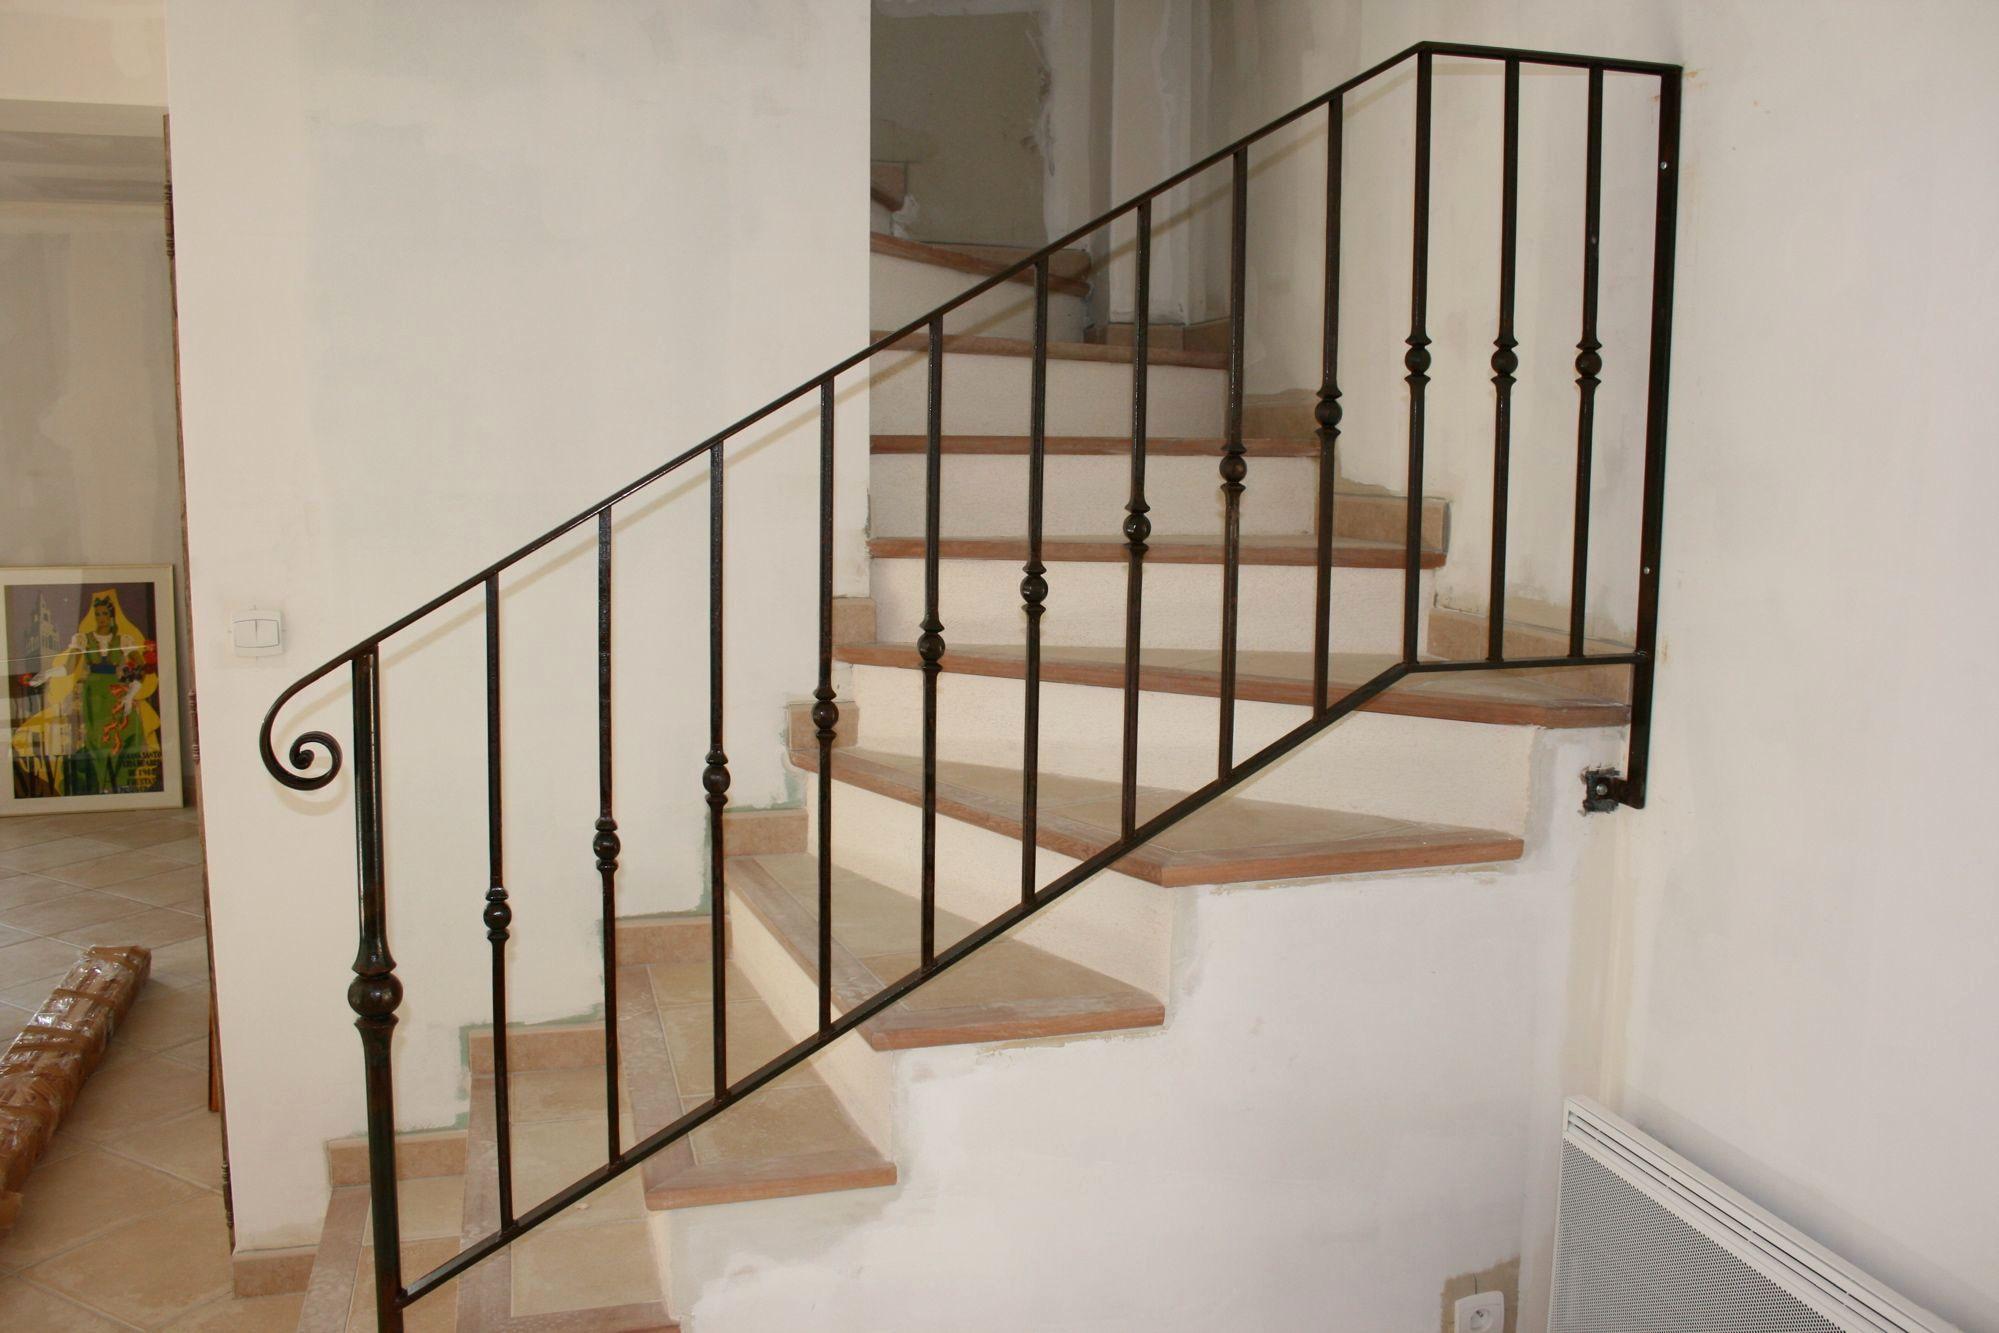 Rampe D Escalier Murale Bois changer rambarde escalier bois Élégant rampe escalier fer